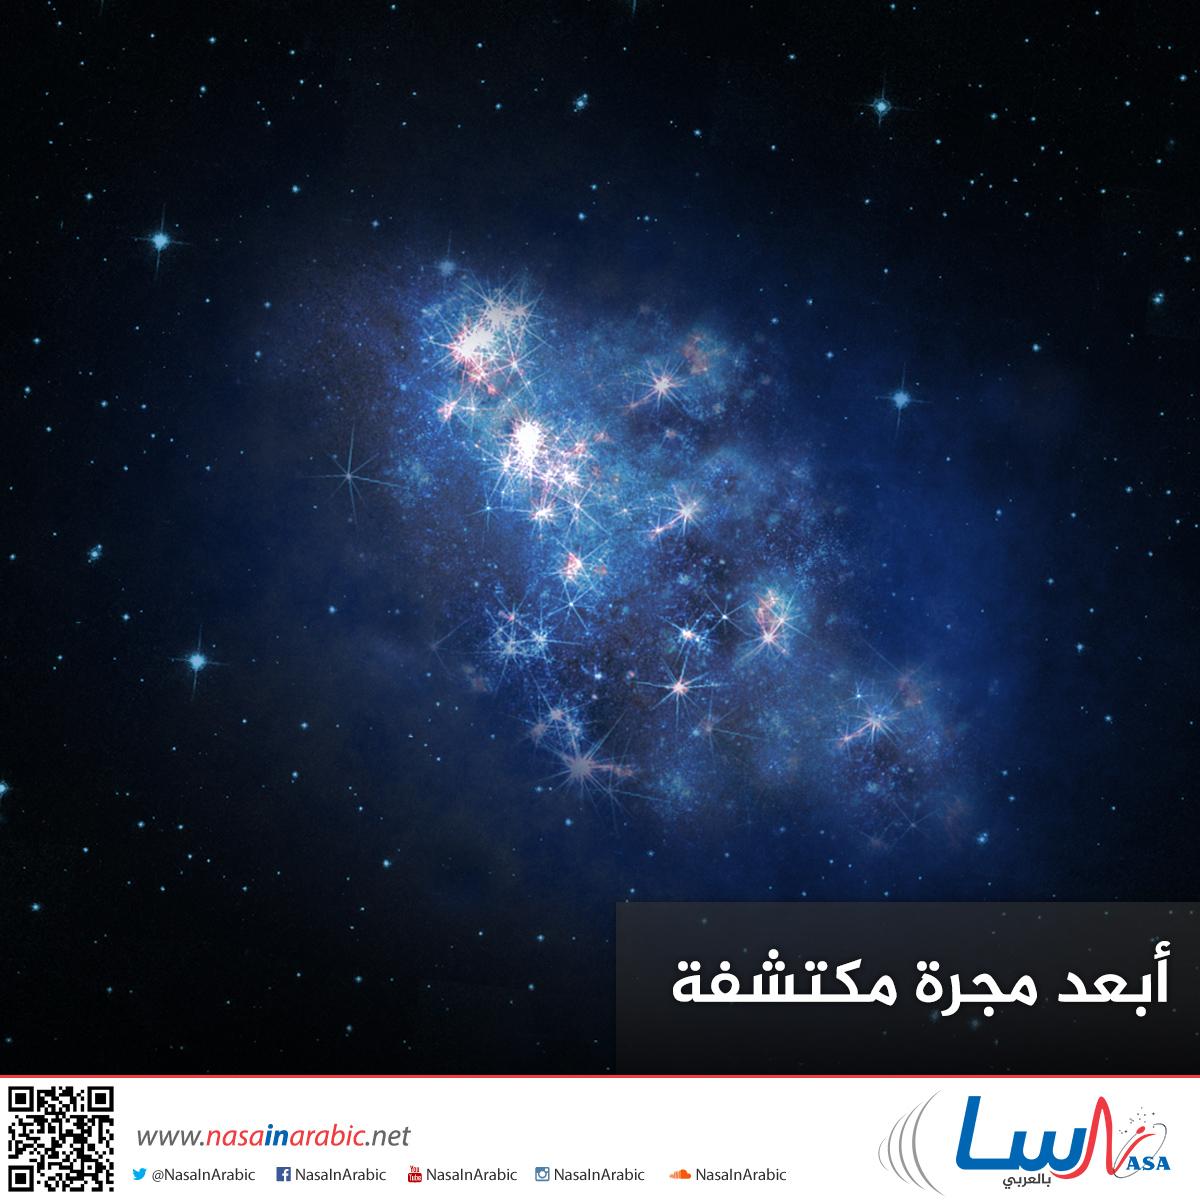 أبعد مجرة مكتشفة